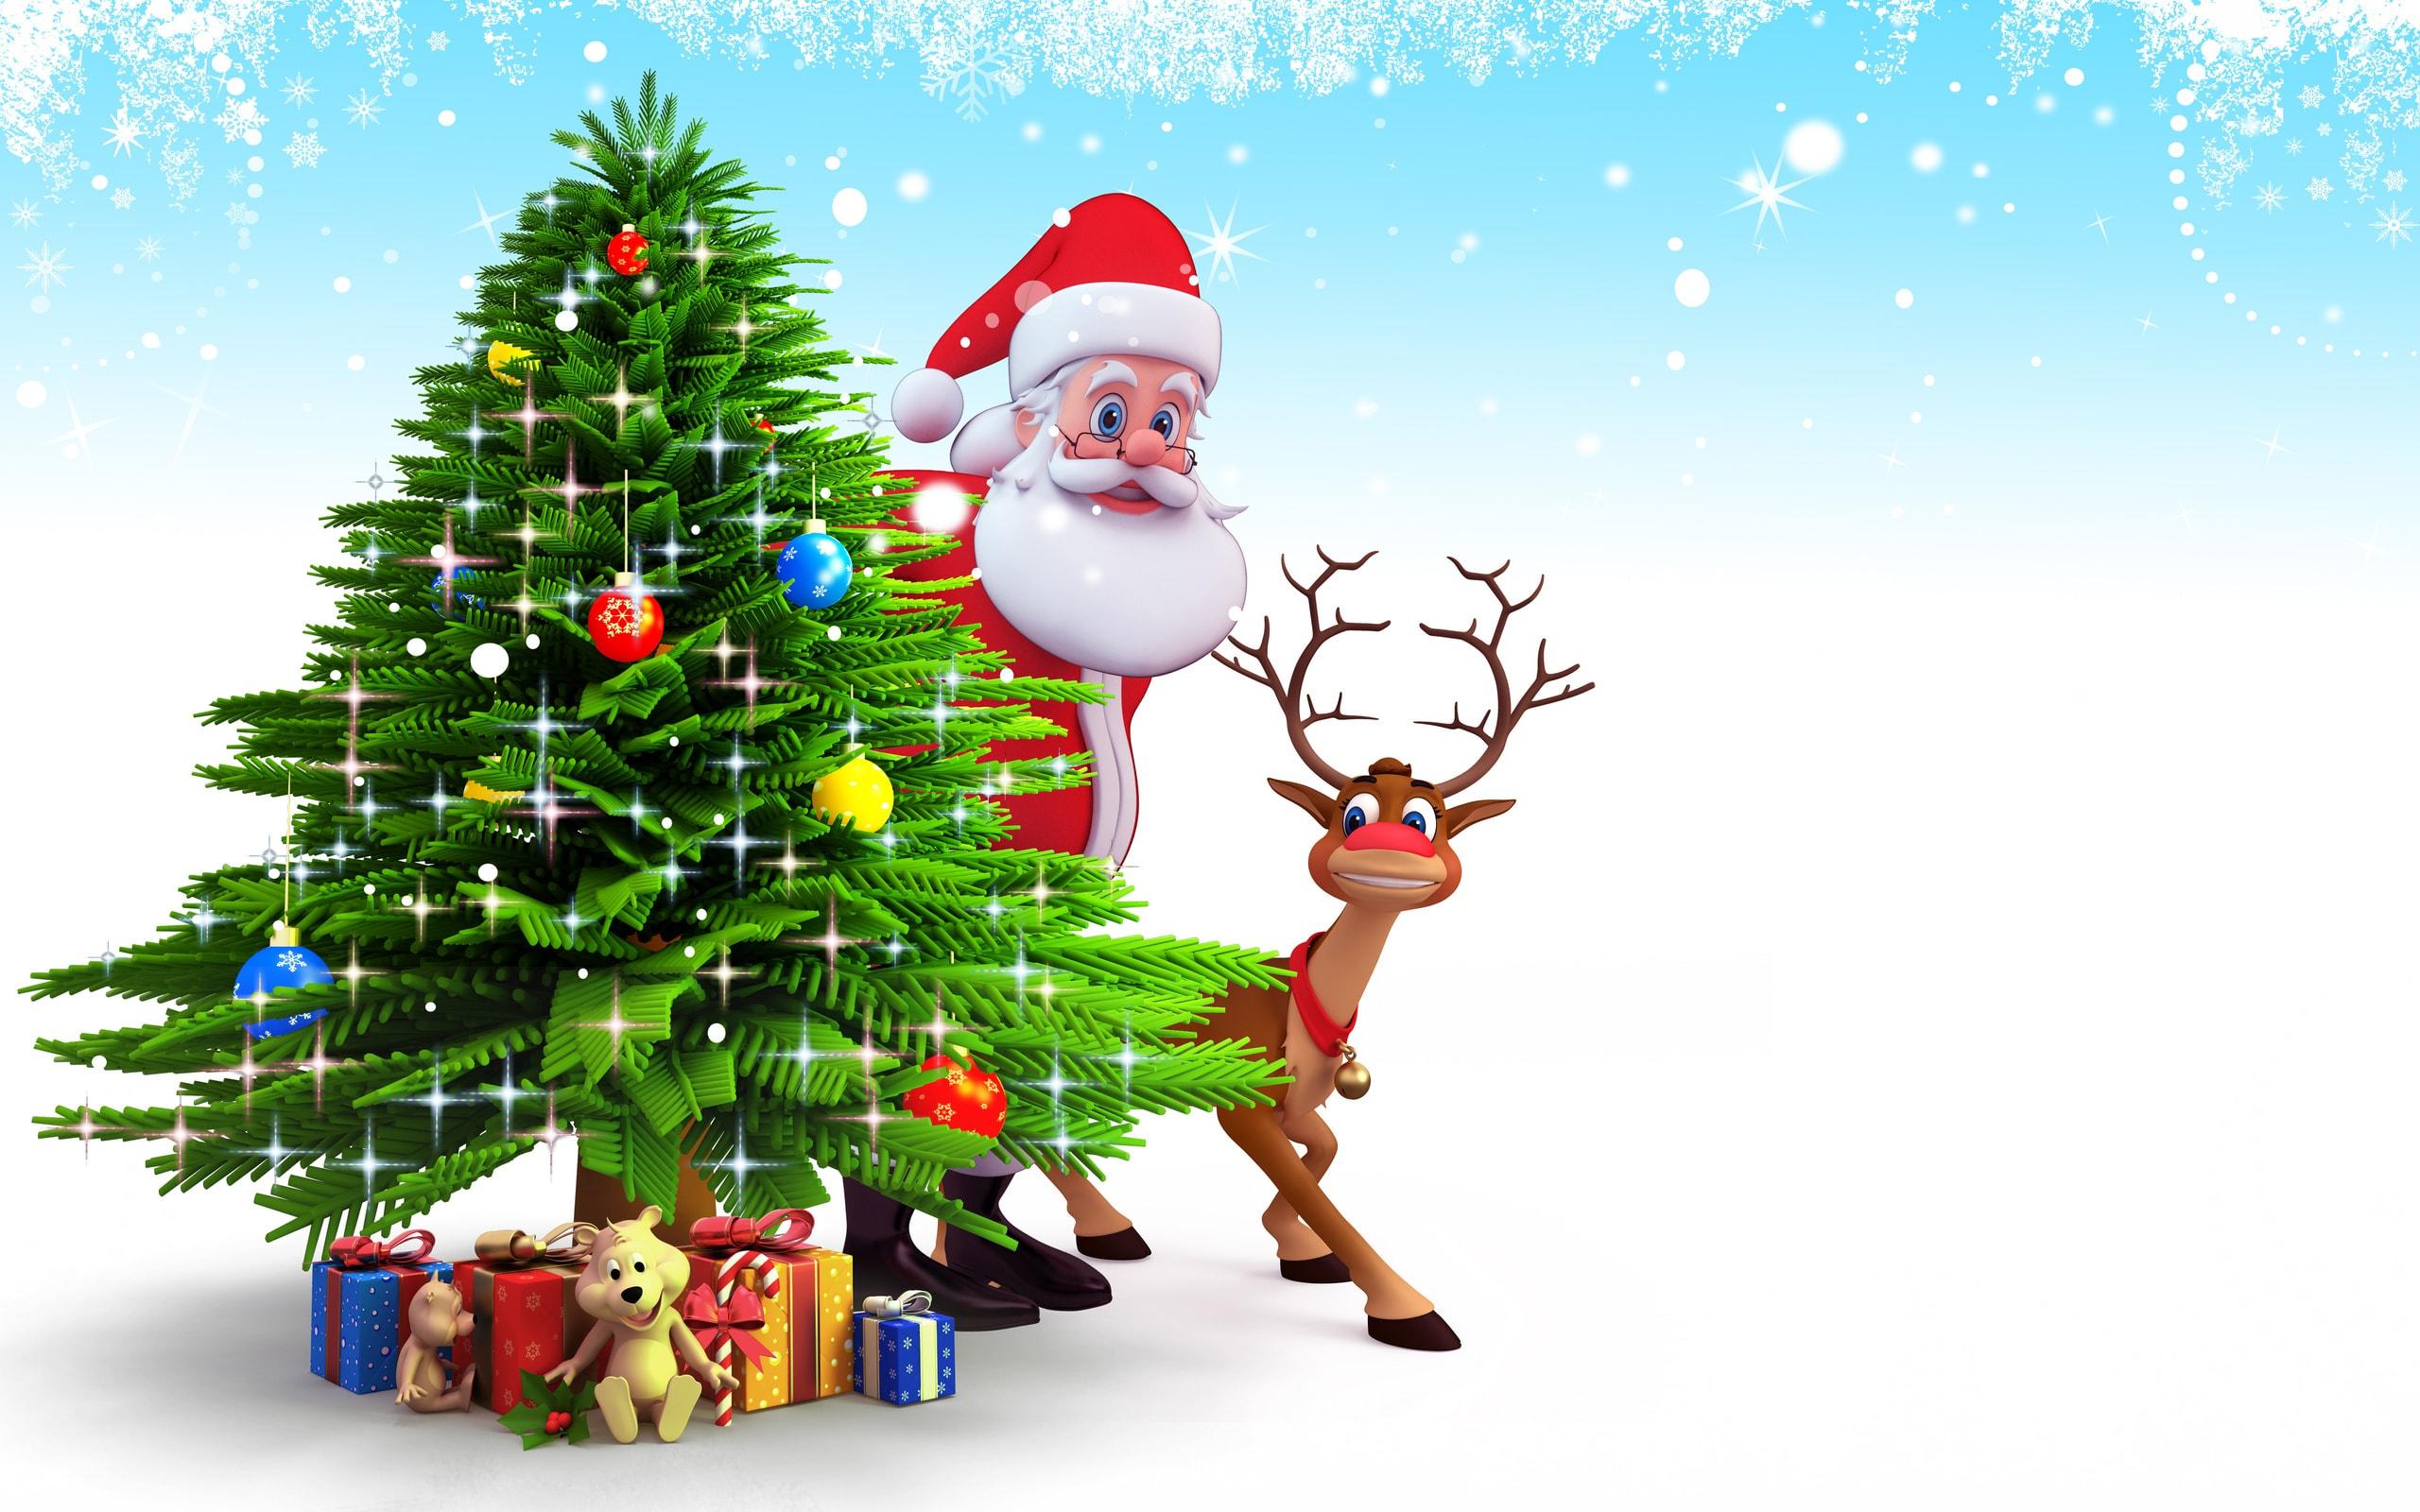 Santa Claus High